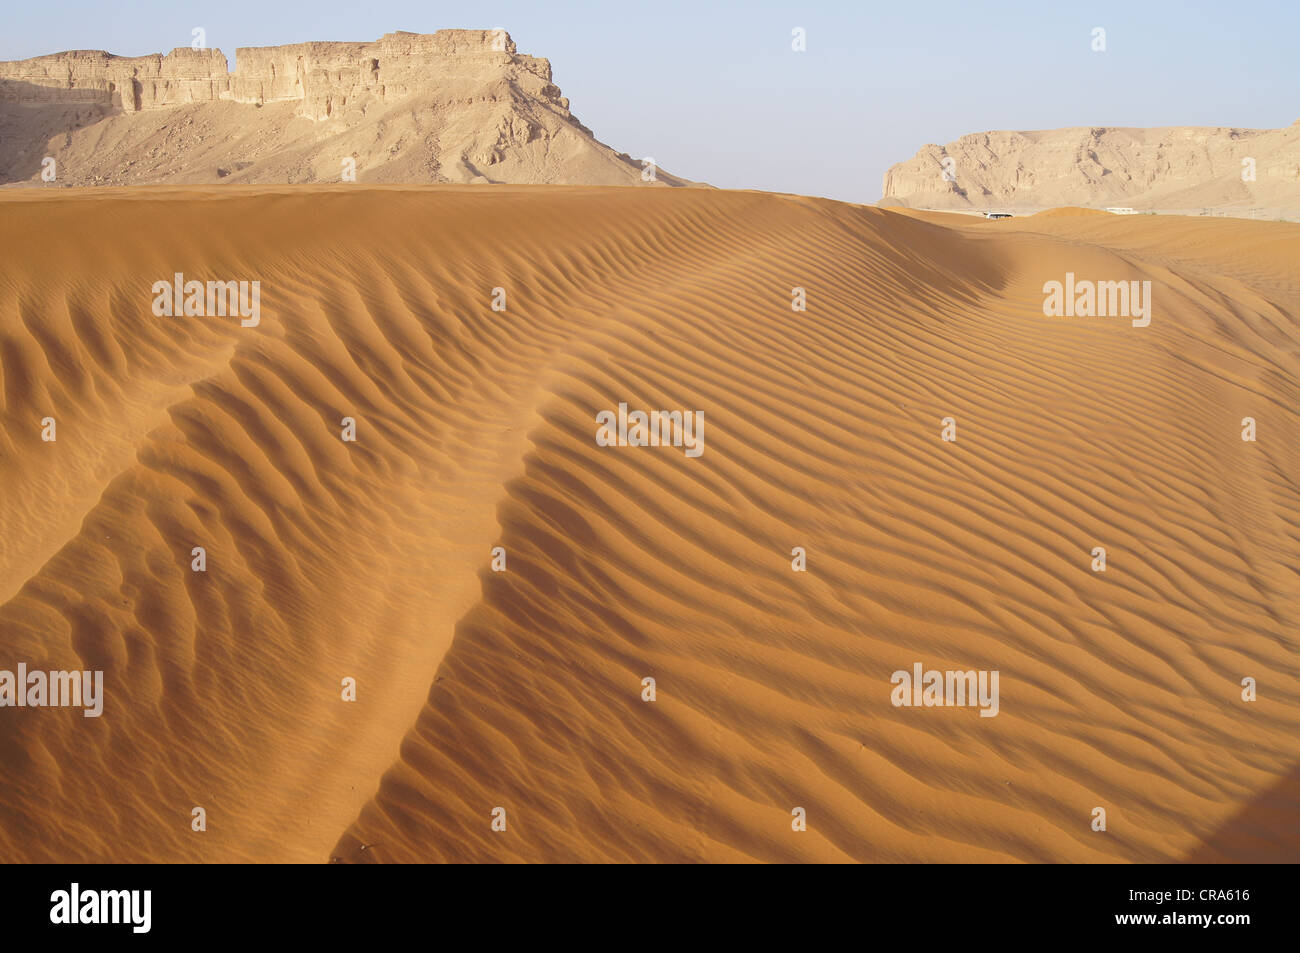 Dunas de arena con formaciones rocosas en el fondo adoptadas en las arenas rojas, Riad, Reino de Arabia Saudita Imagen De Stock